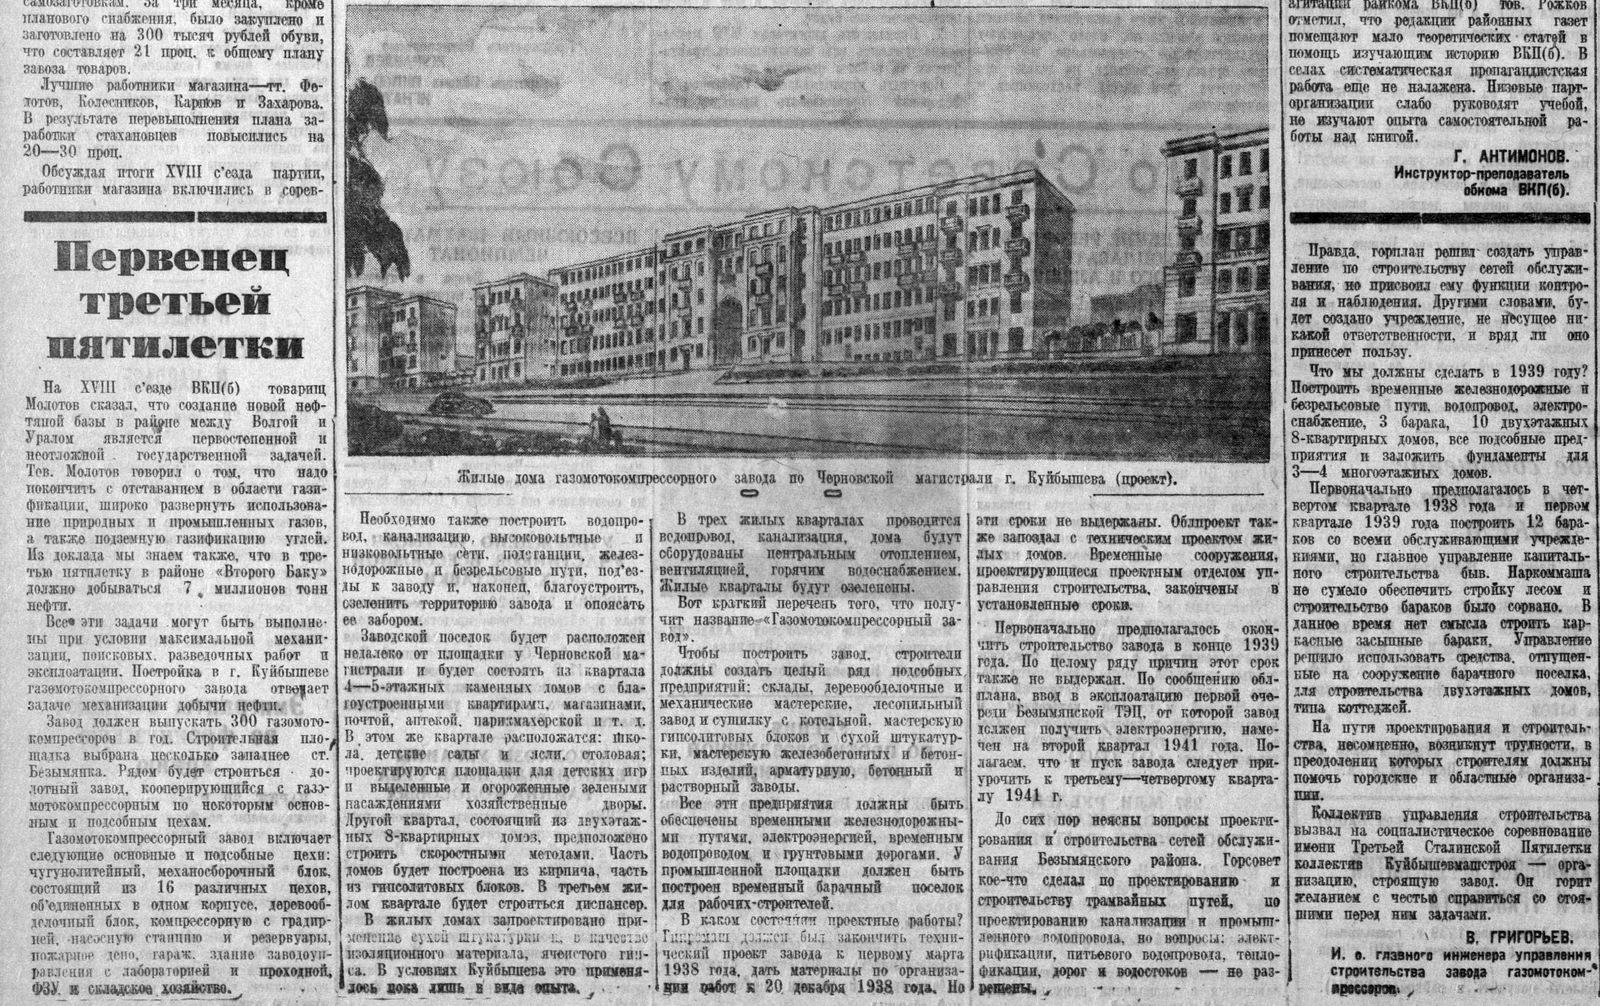 ФОТО-04-Брусчатый-ВКа-1939-планы-Машстроя